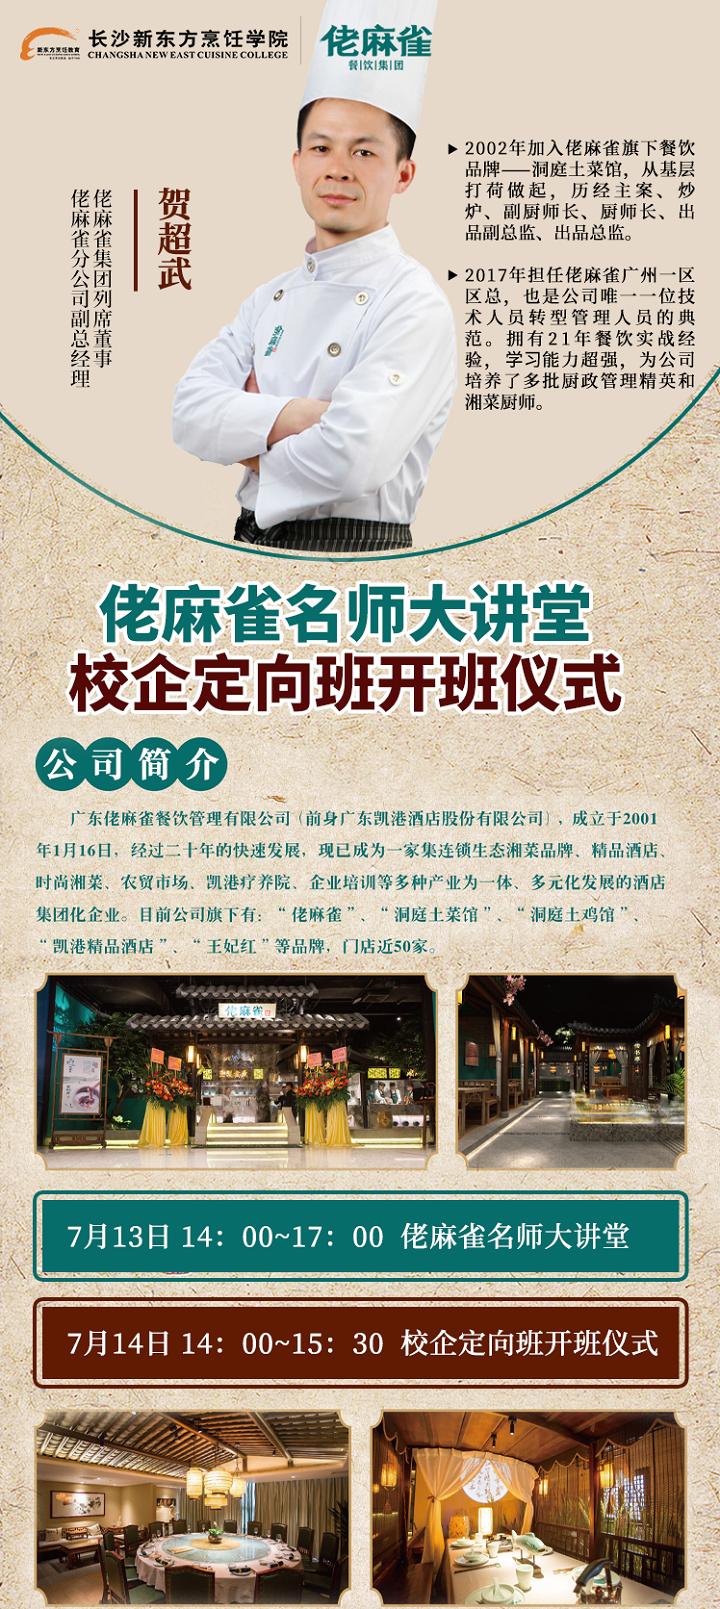 长沙新东方名师大讲堂明天开课